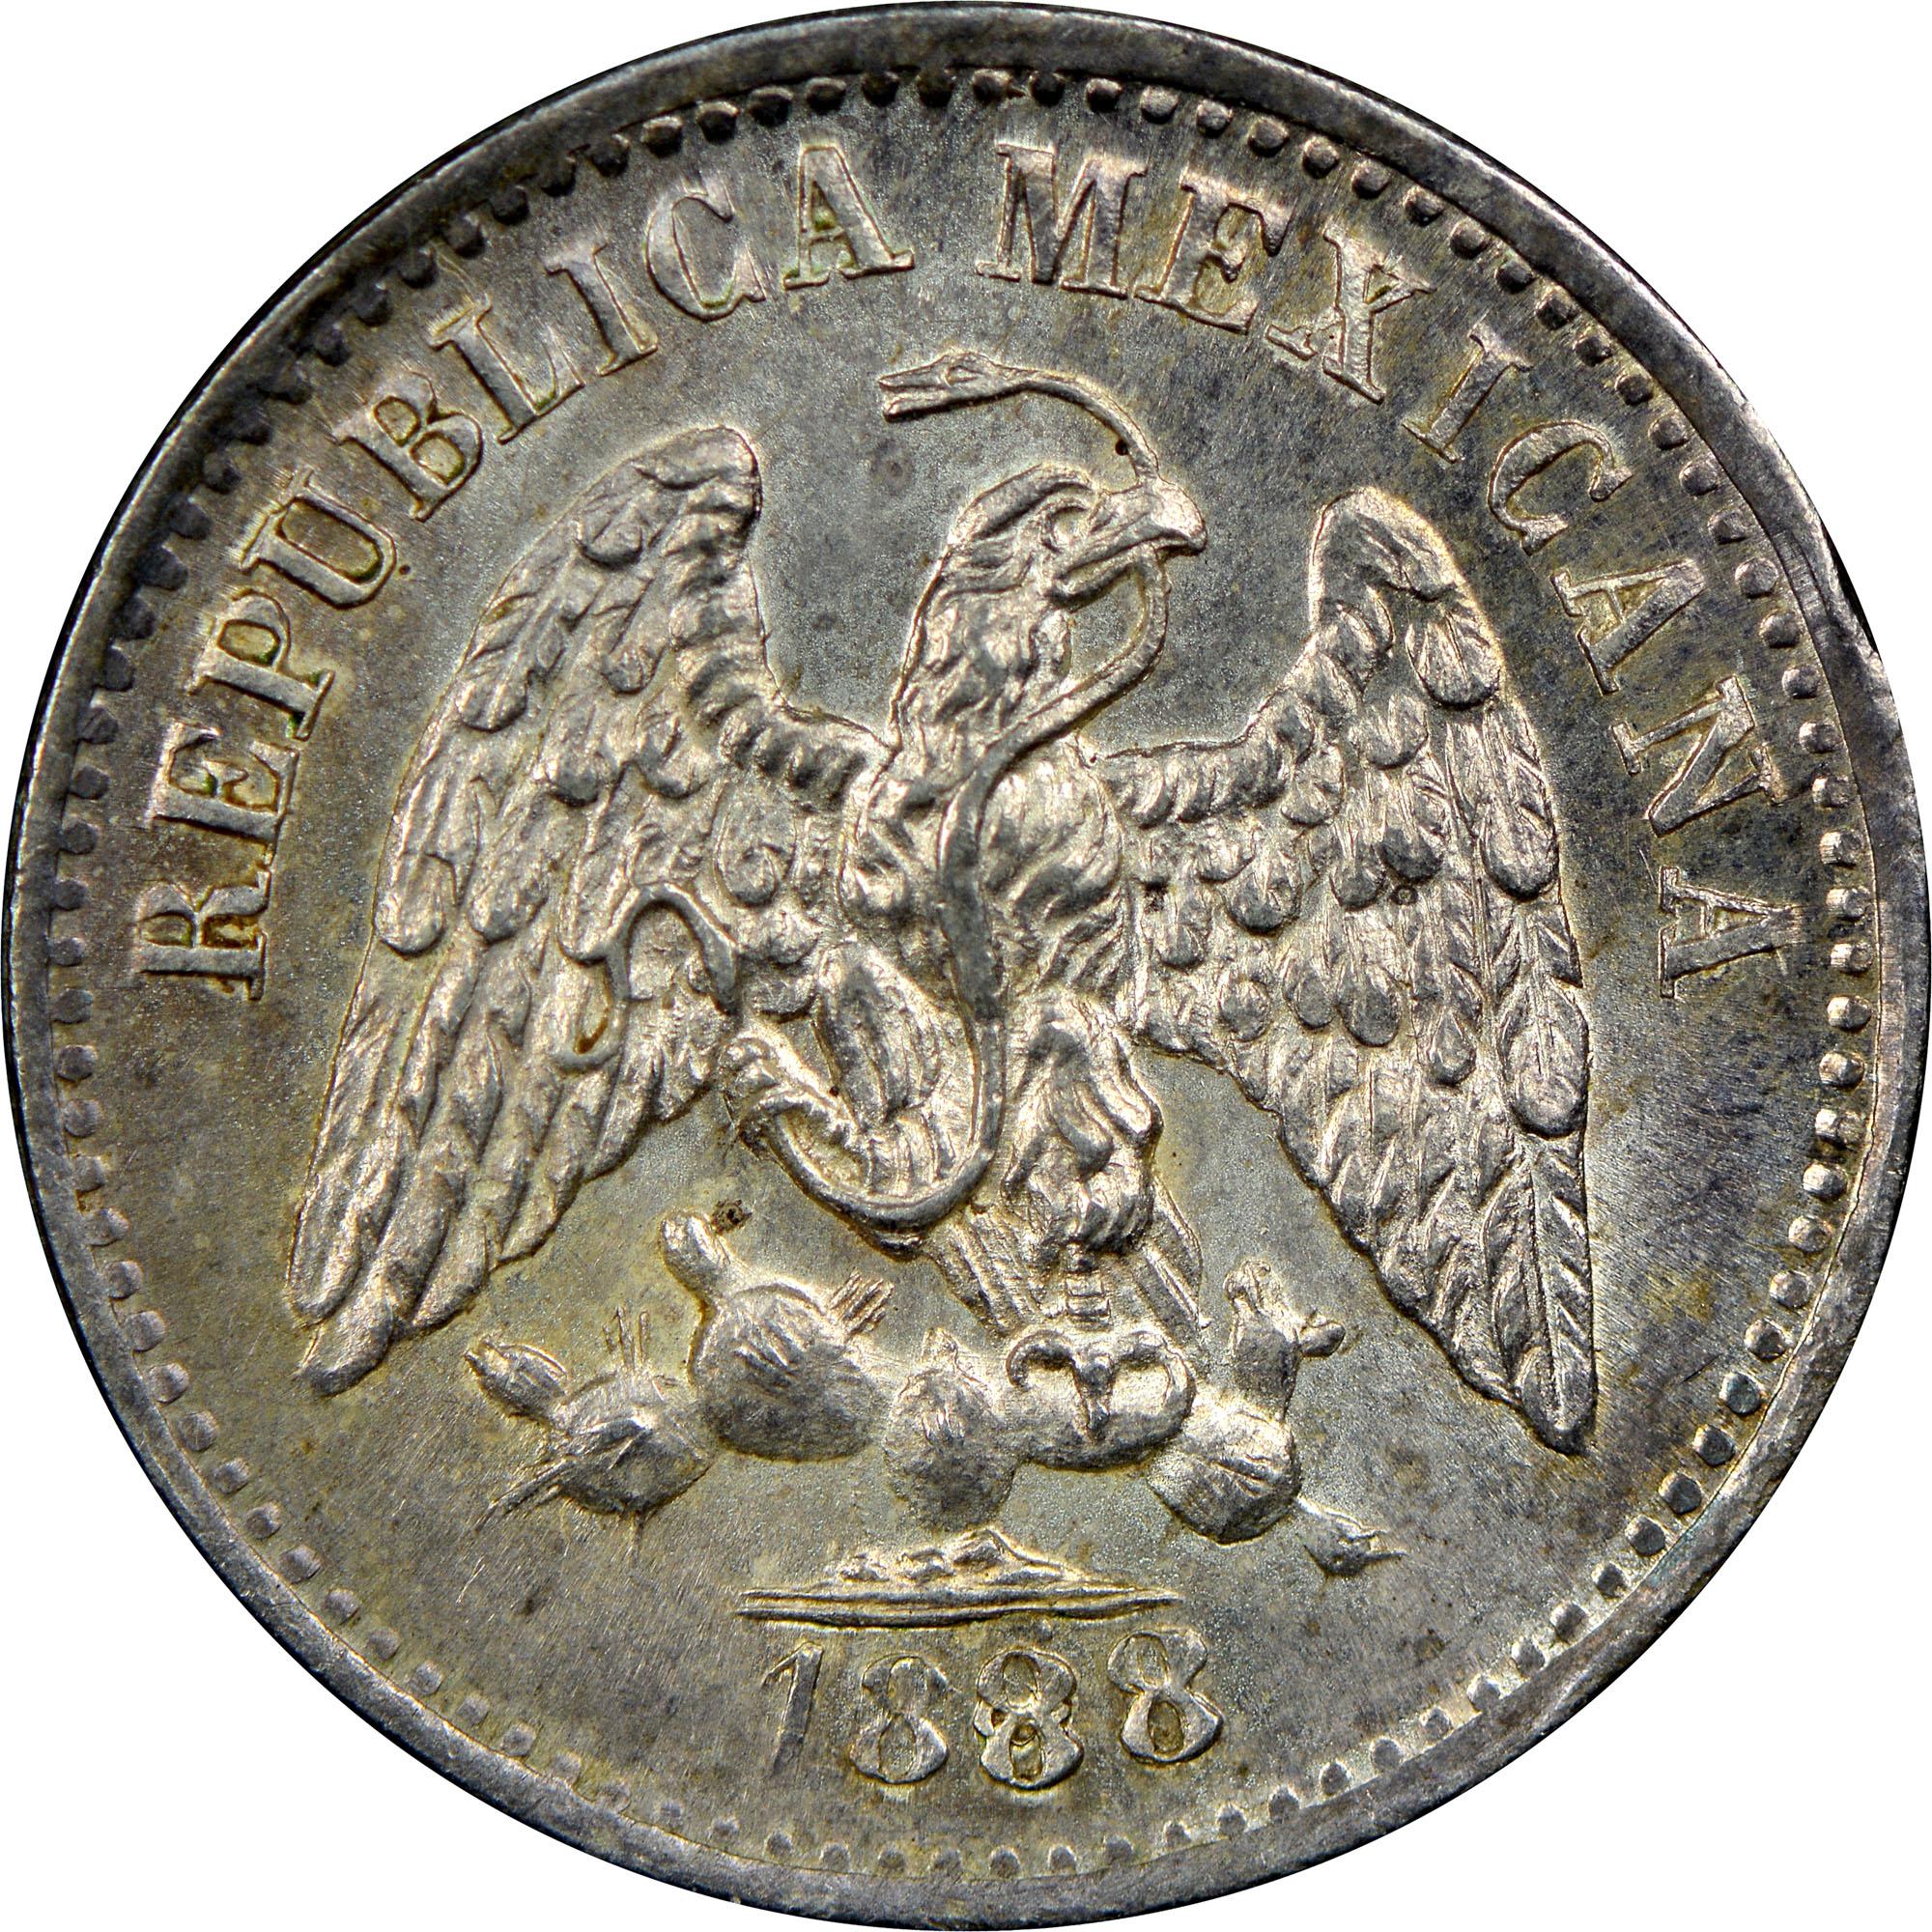 1874-1894 Mexico 5 Centavos obverse